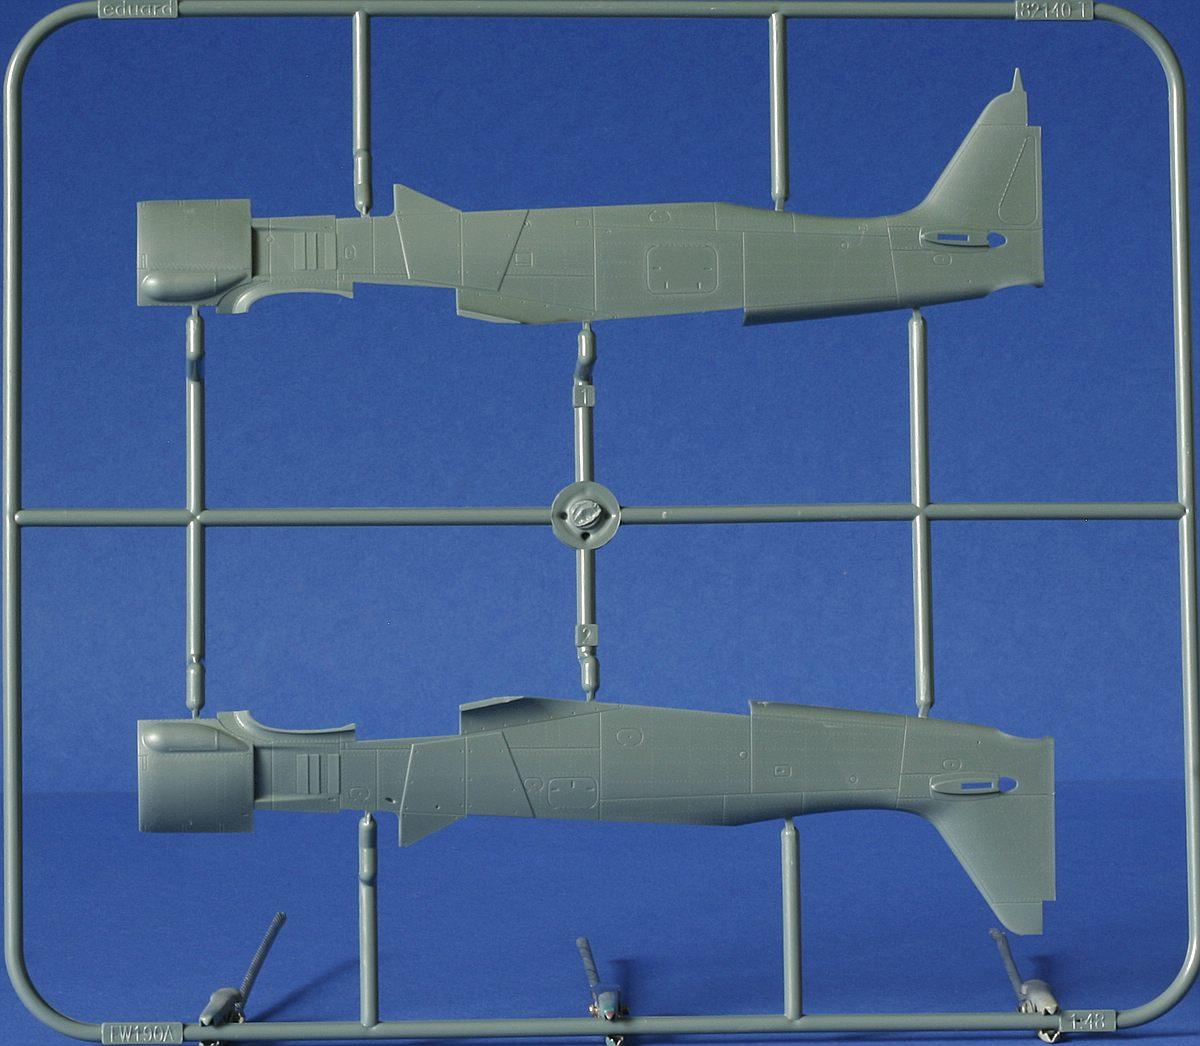 Eduard-82145-Fw-190-A8-R2-Rahmen-T-1 FW 190 A-8/R2 in 1:48 von Eduard # 82145